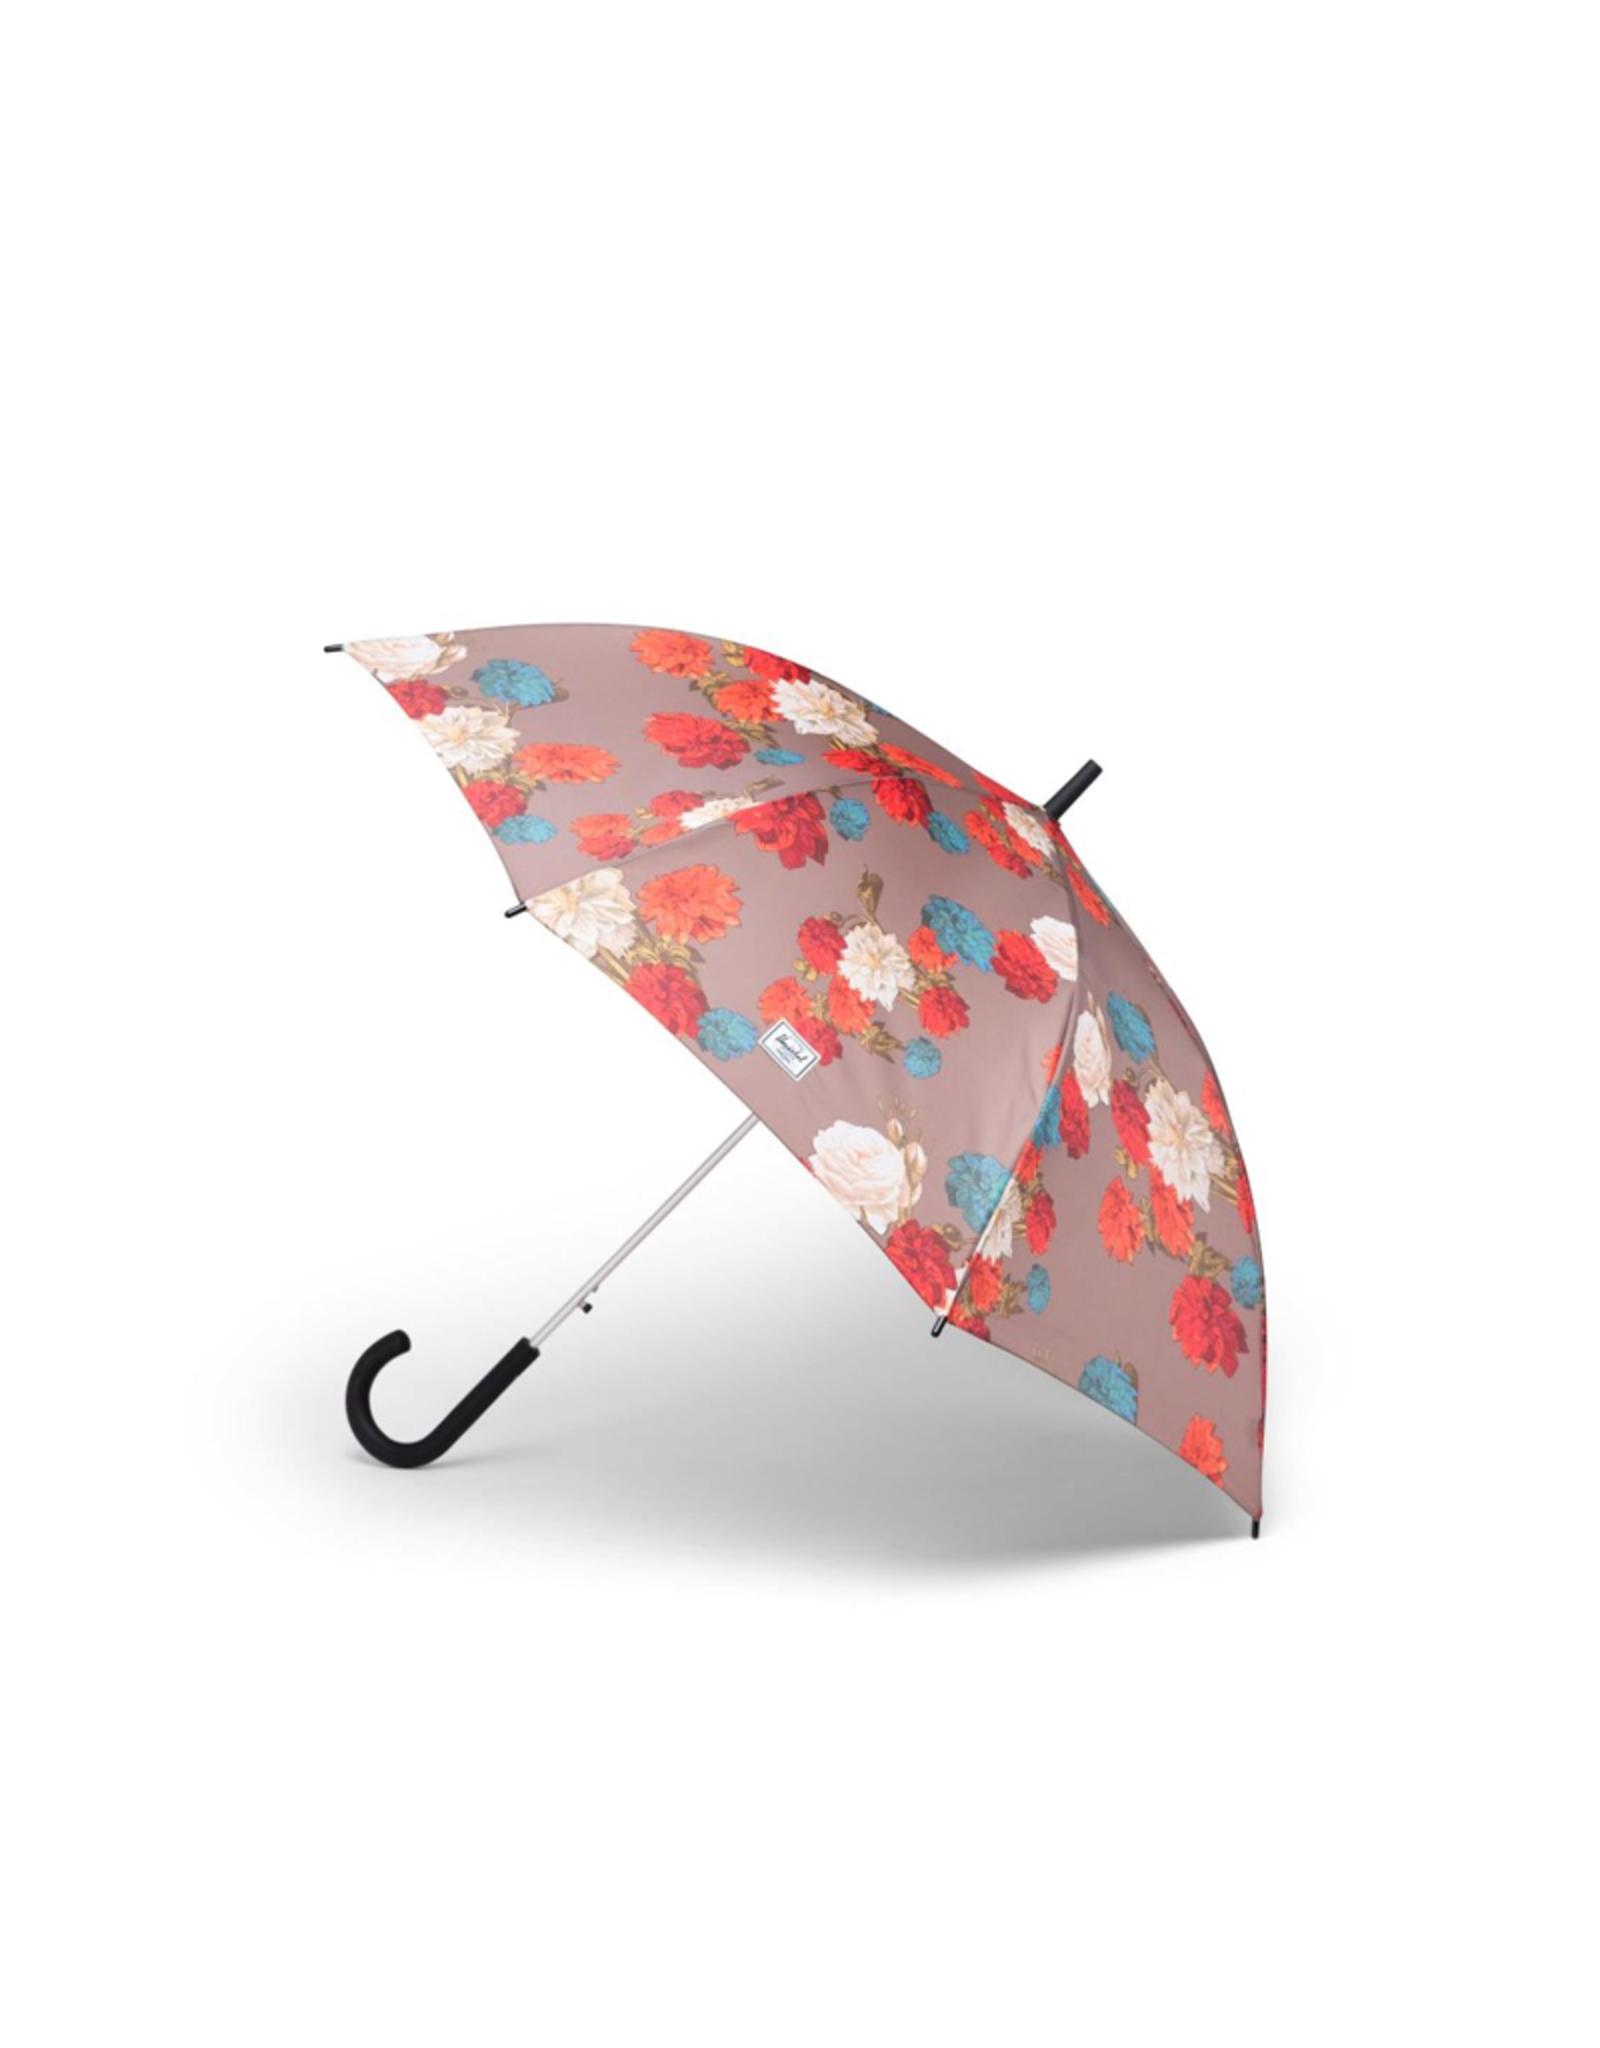 Herschel Classic Umbrella